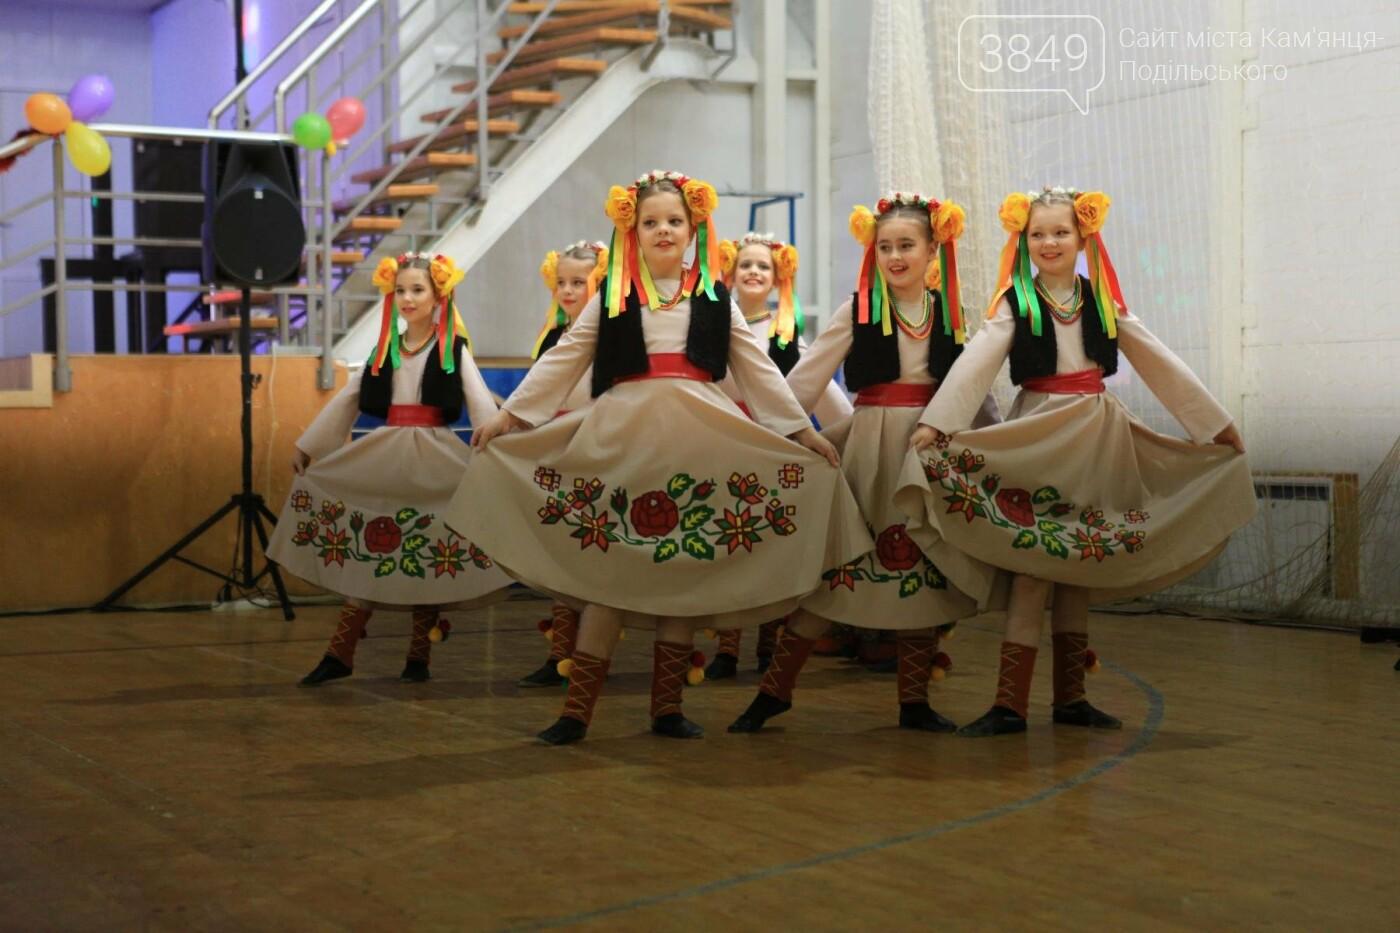 Танцювальний колектив із Кам'янця став лауреатом I премії на Міжнародному фестивалі, фото-5